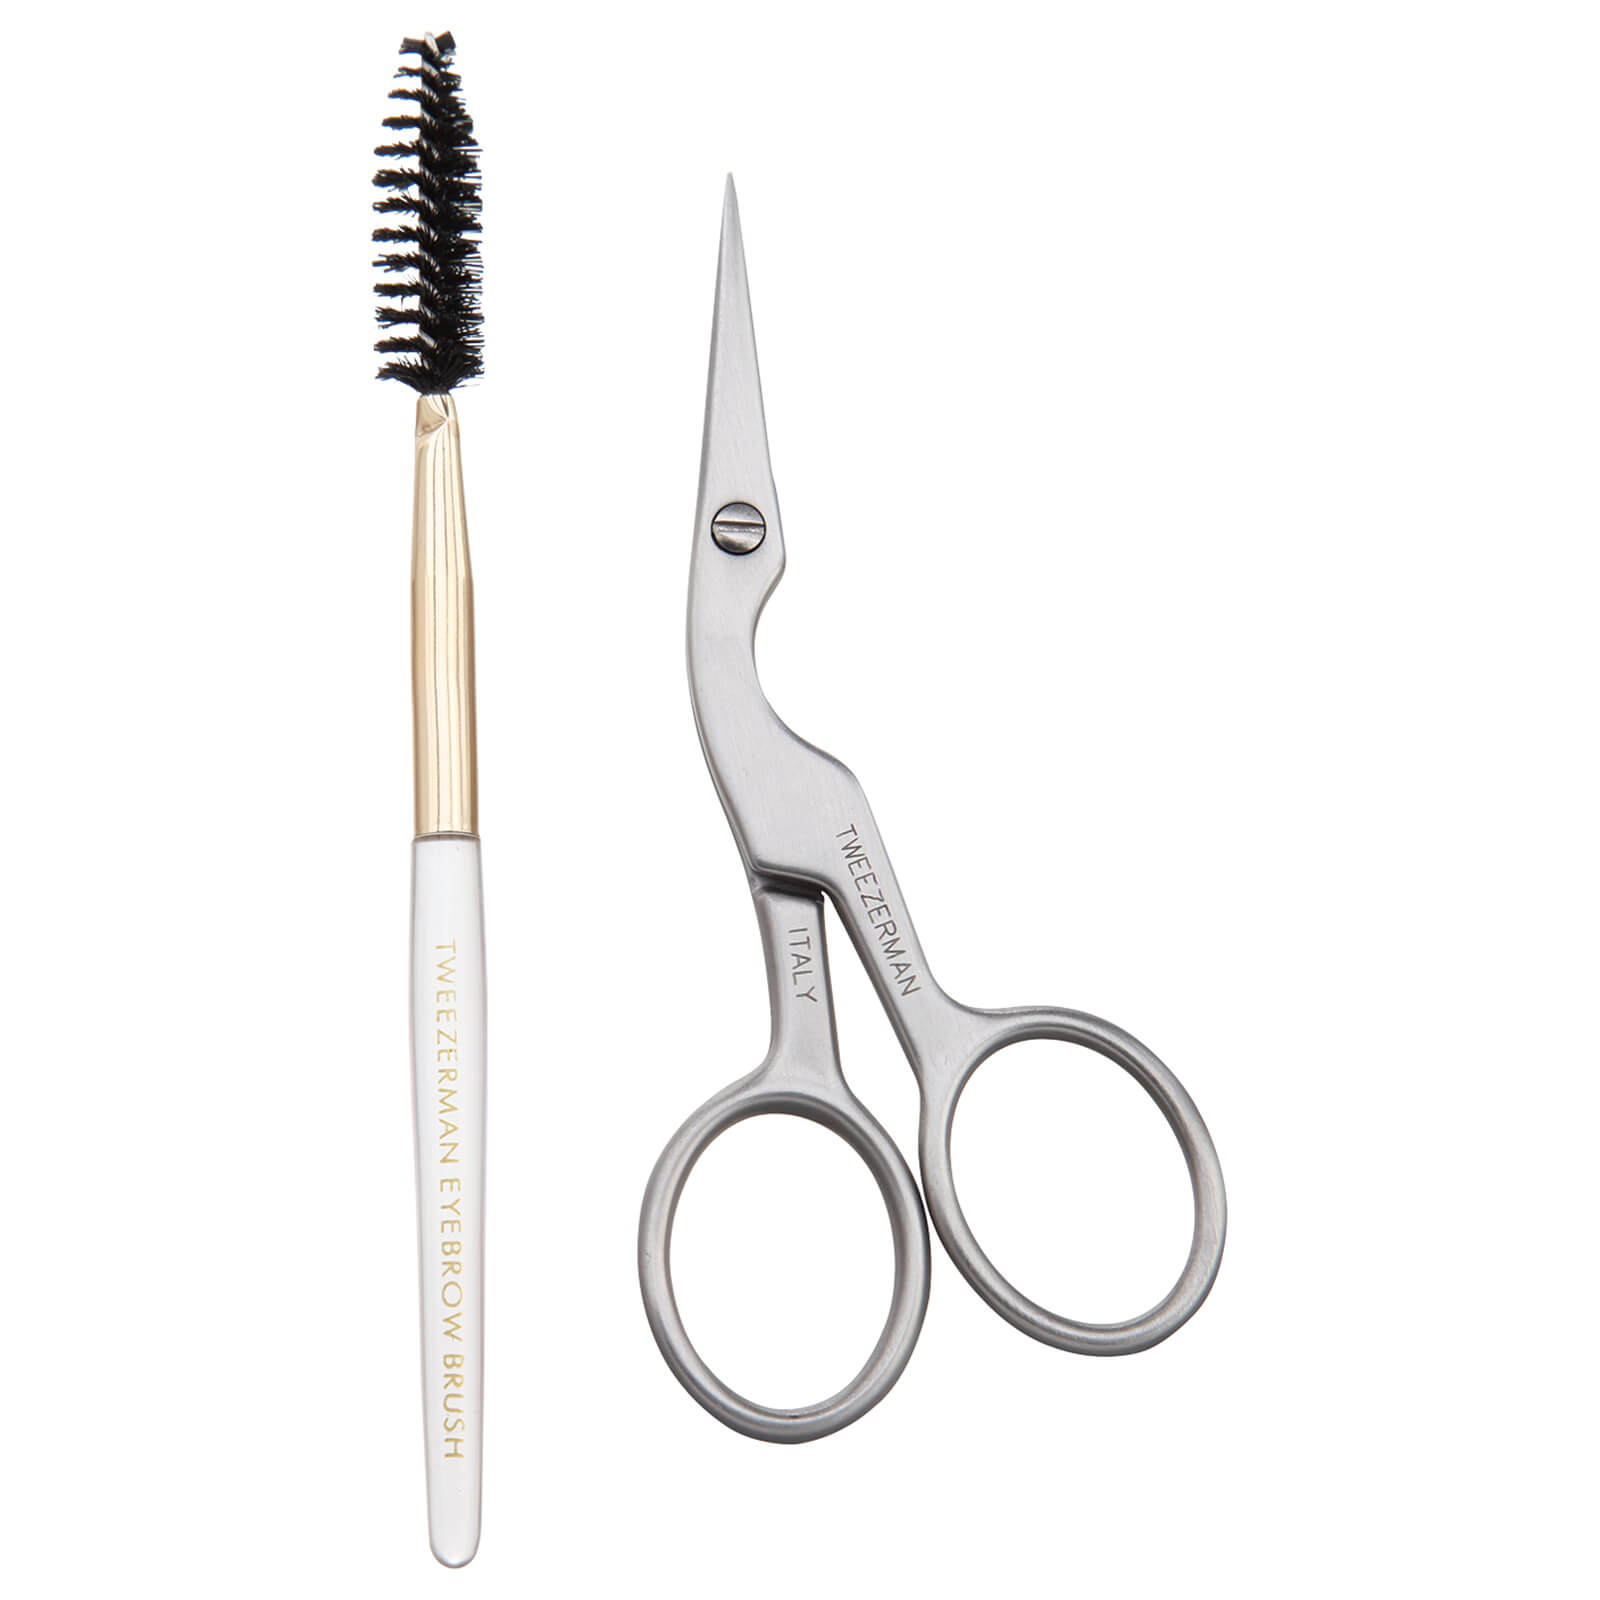 Купить Ножницы и щеточка для тримминга бровей Tweezerman Brow Shaping Scissors And Brush